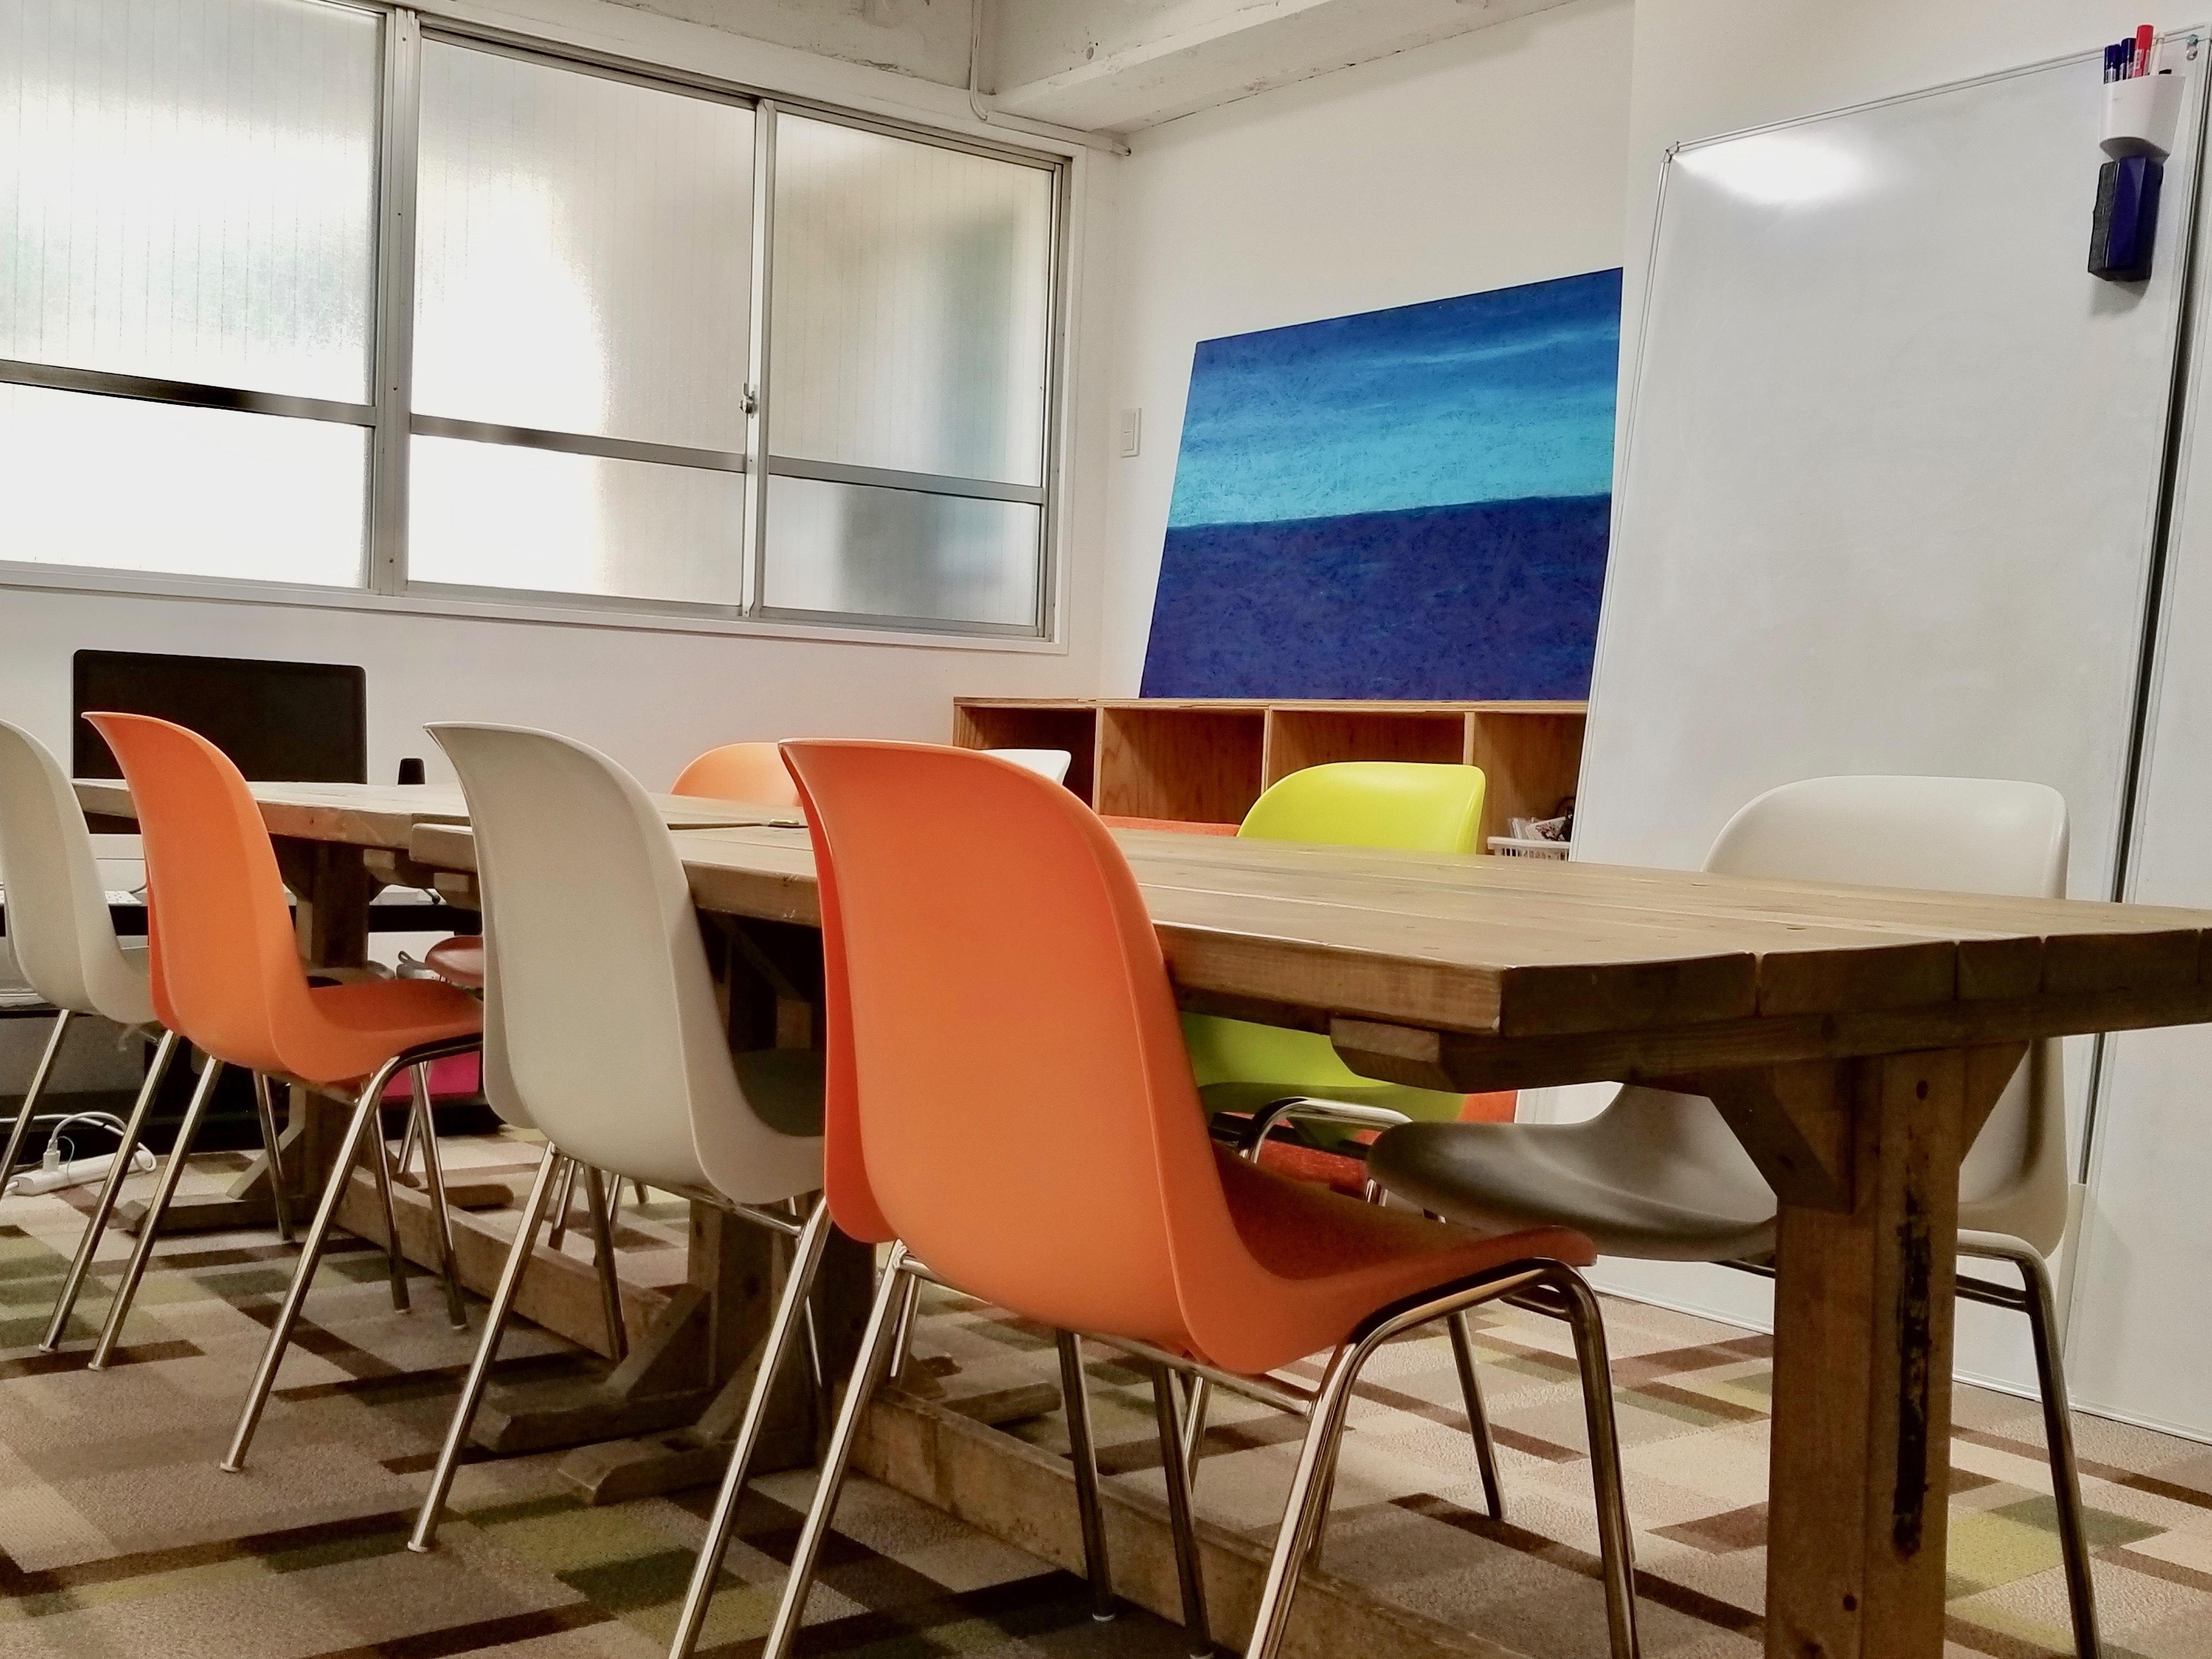 上野 貸し会議室 いいオフィス 4名〜8名用様用会議室の室内の写真